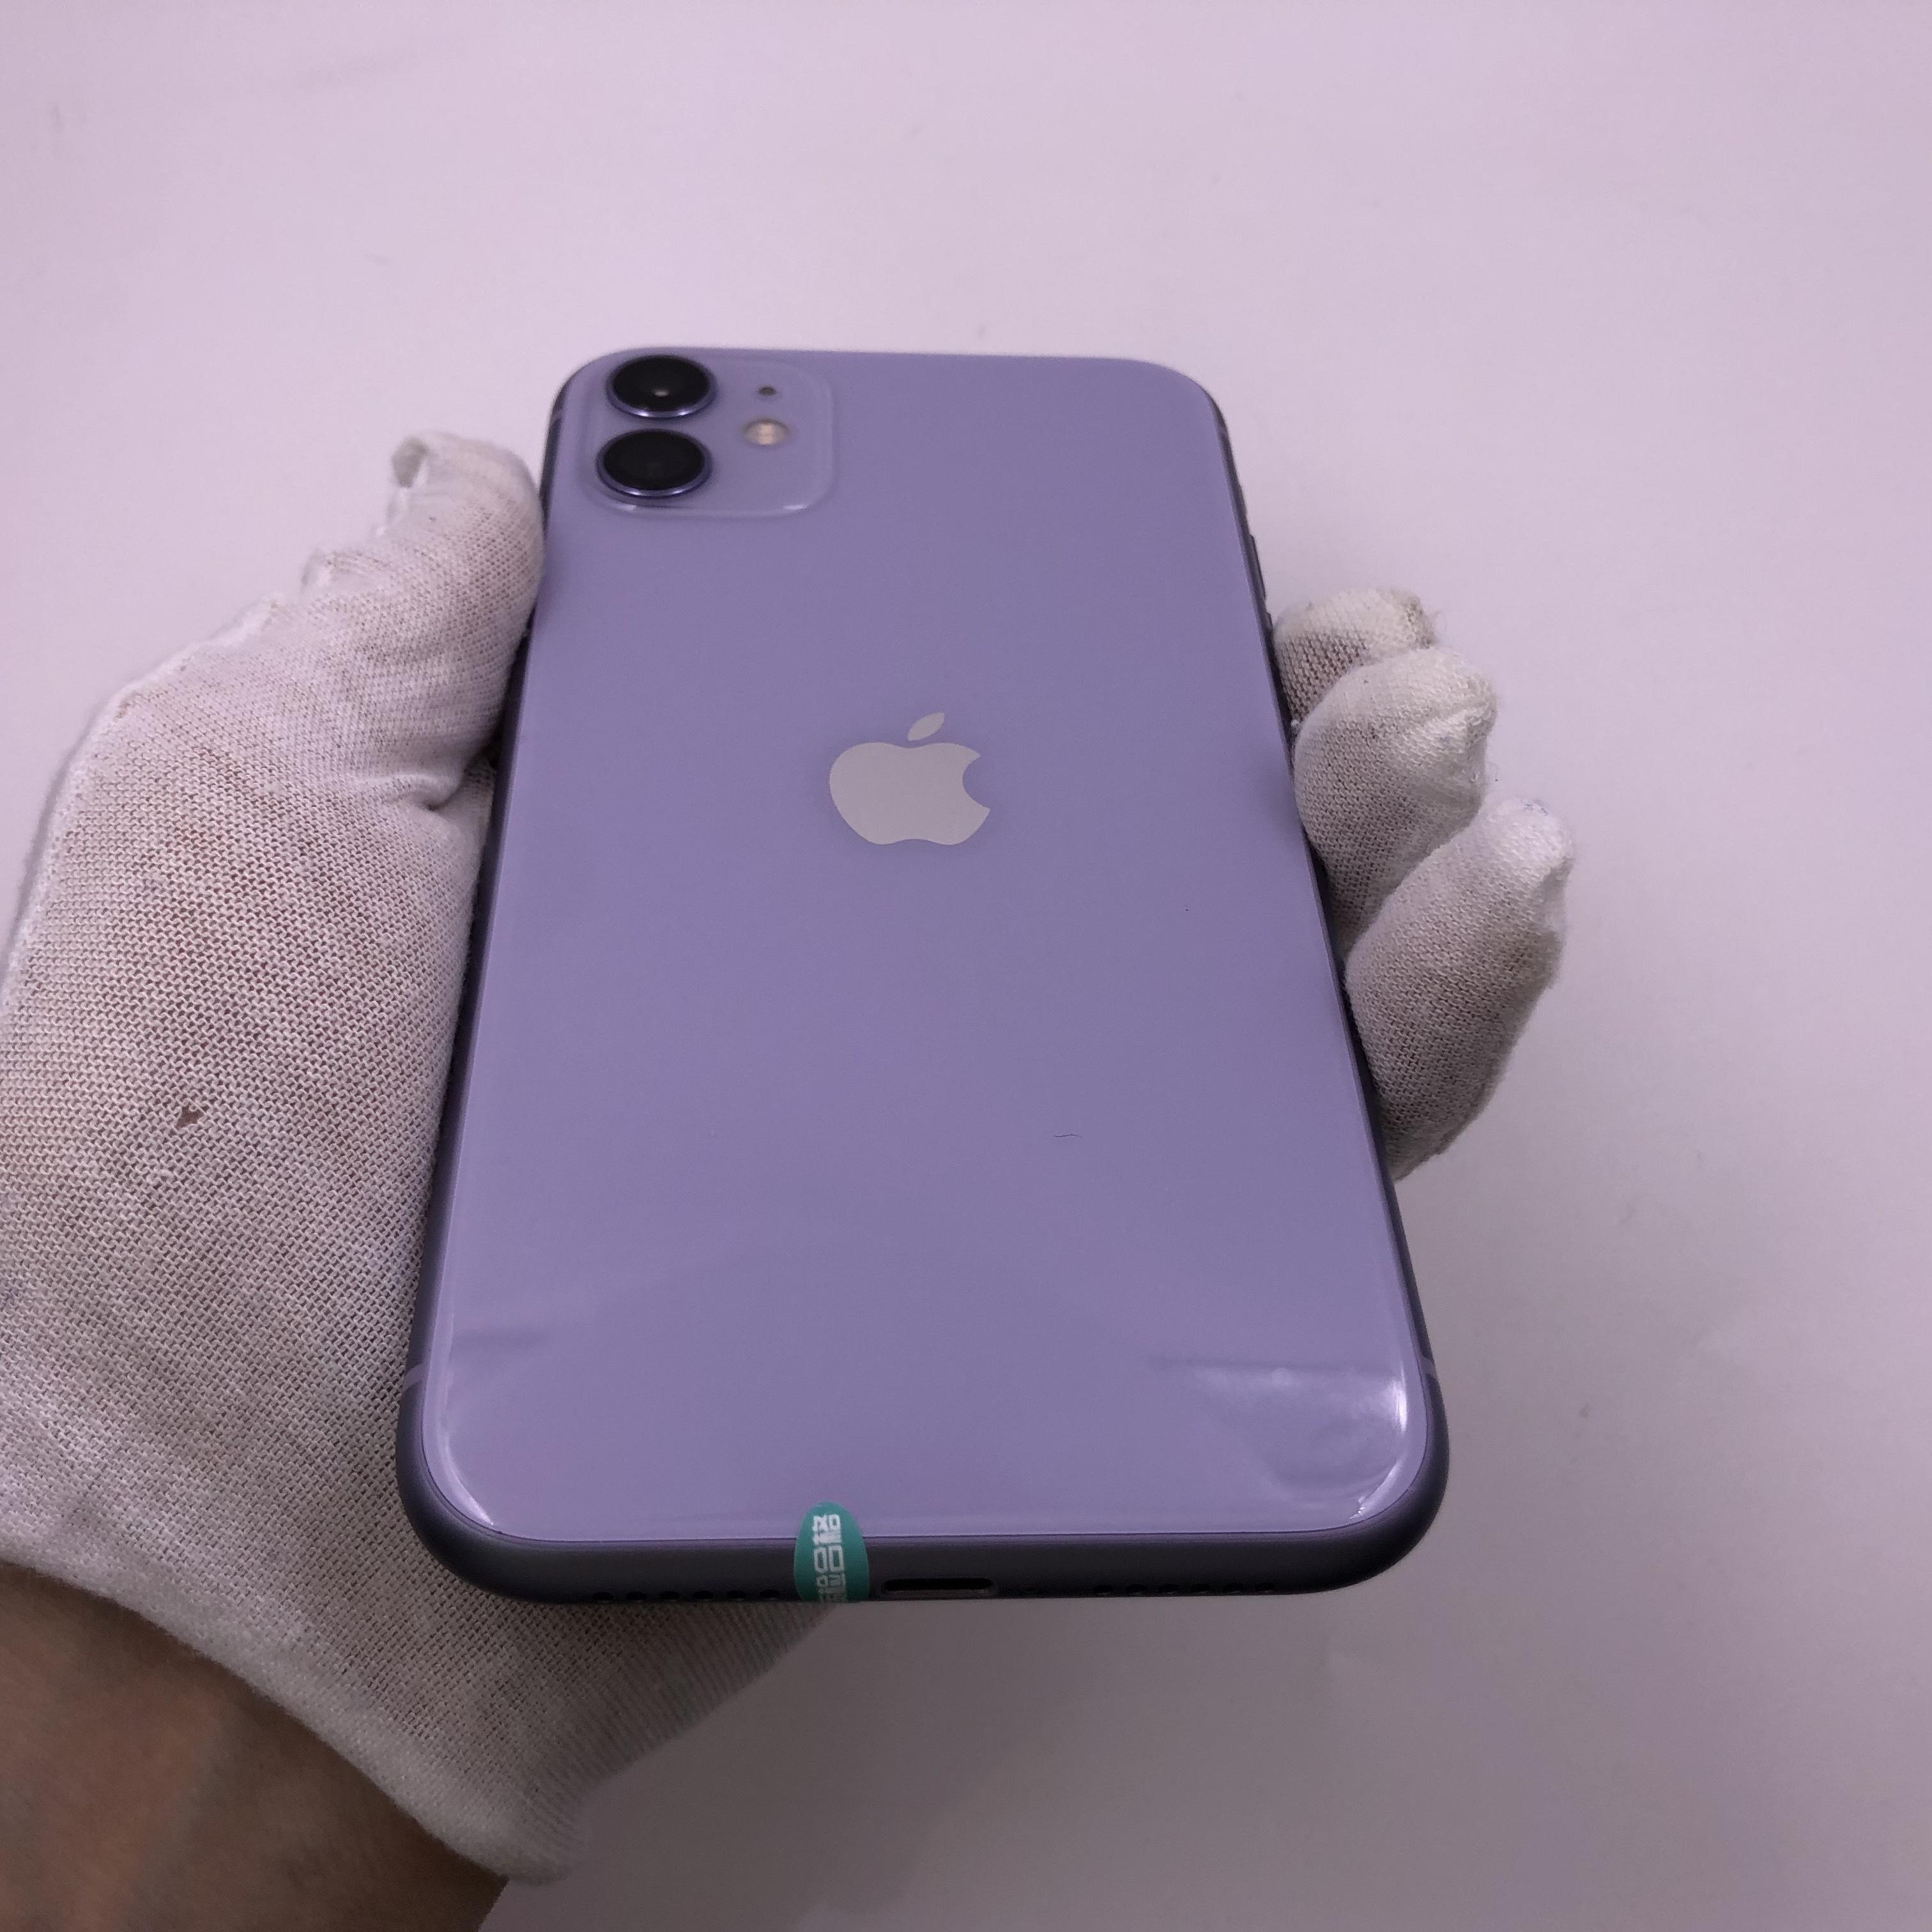 苹果【iPhone 11】4G全网通 紫色 128G 国际版 99新